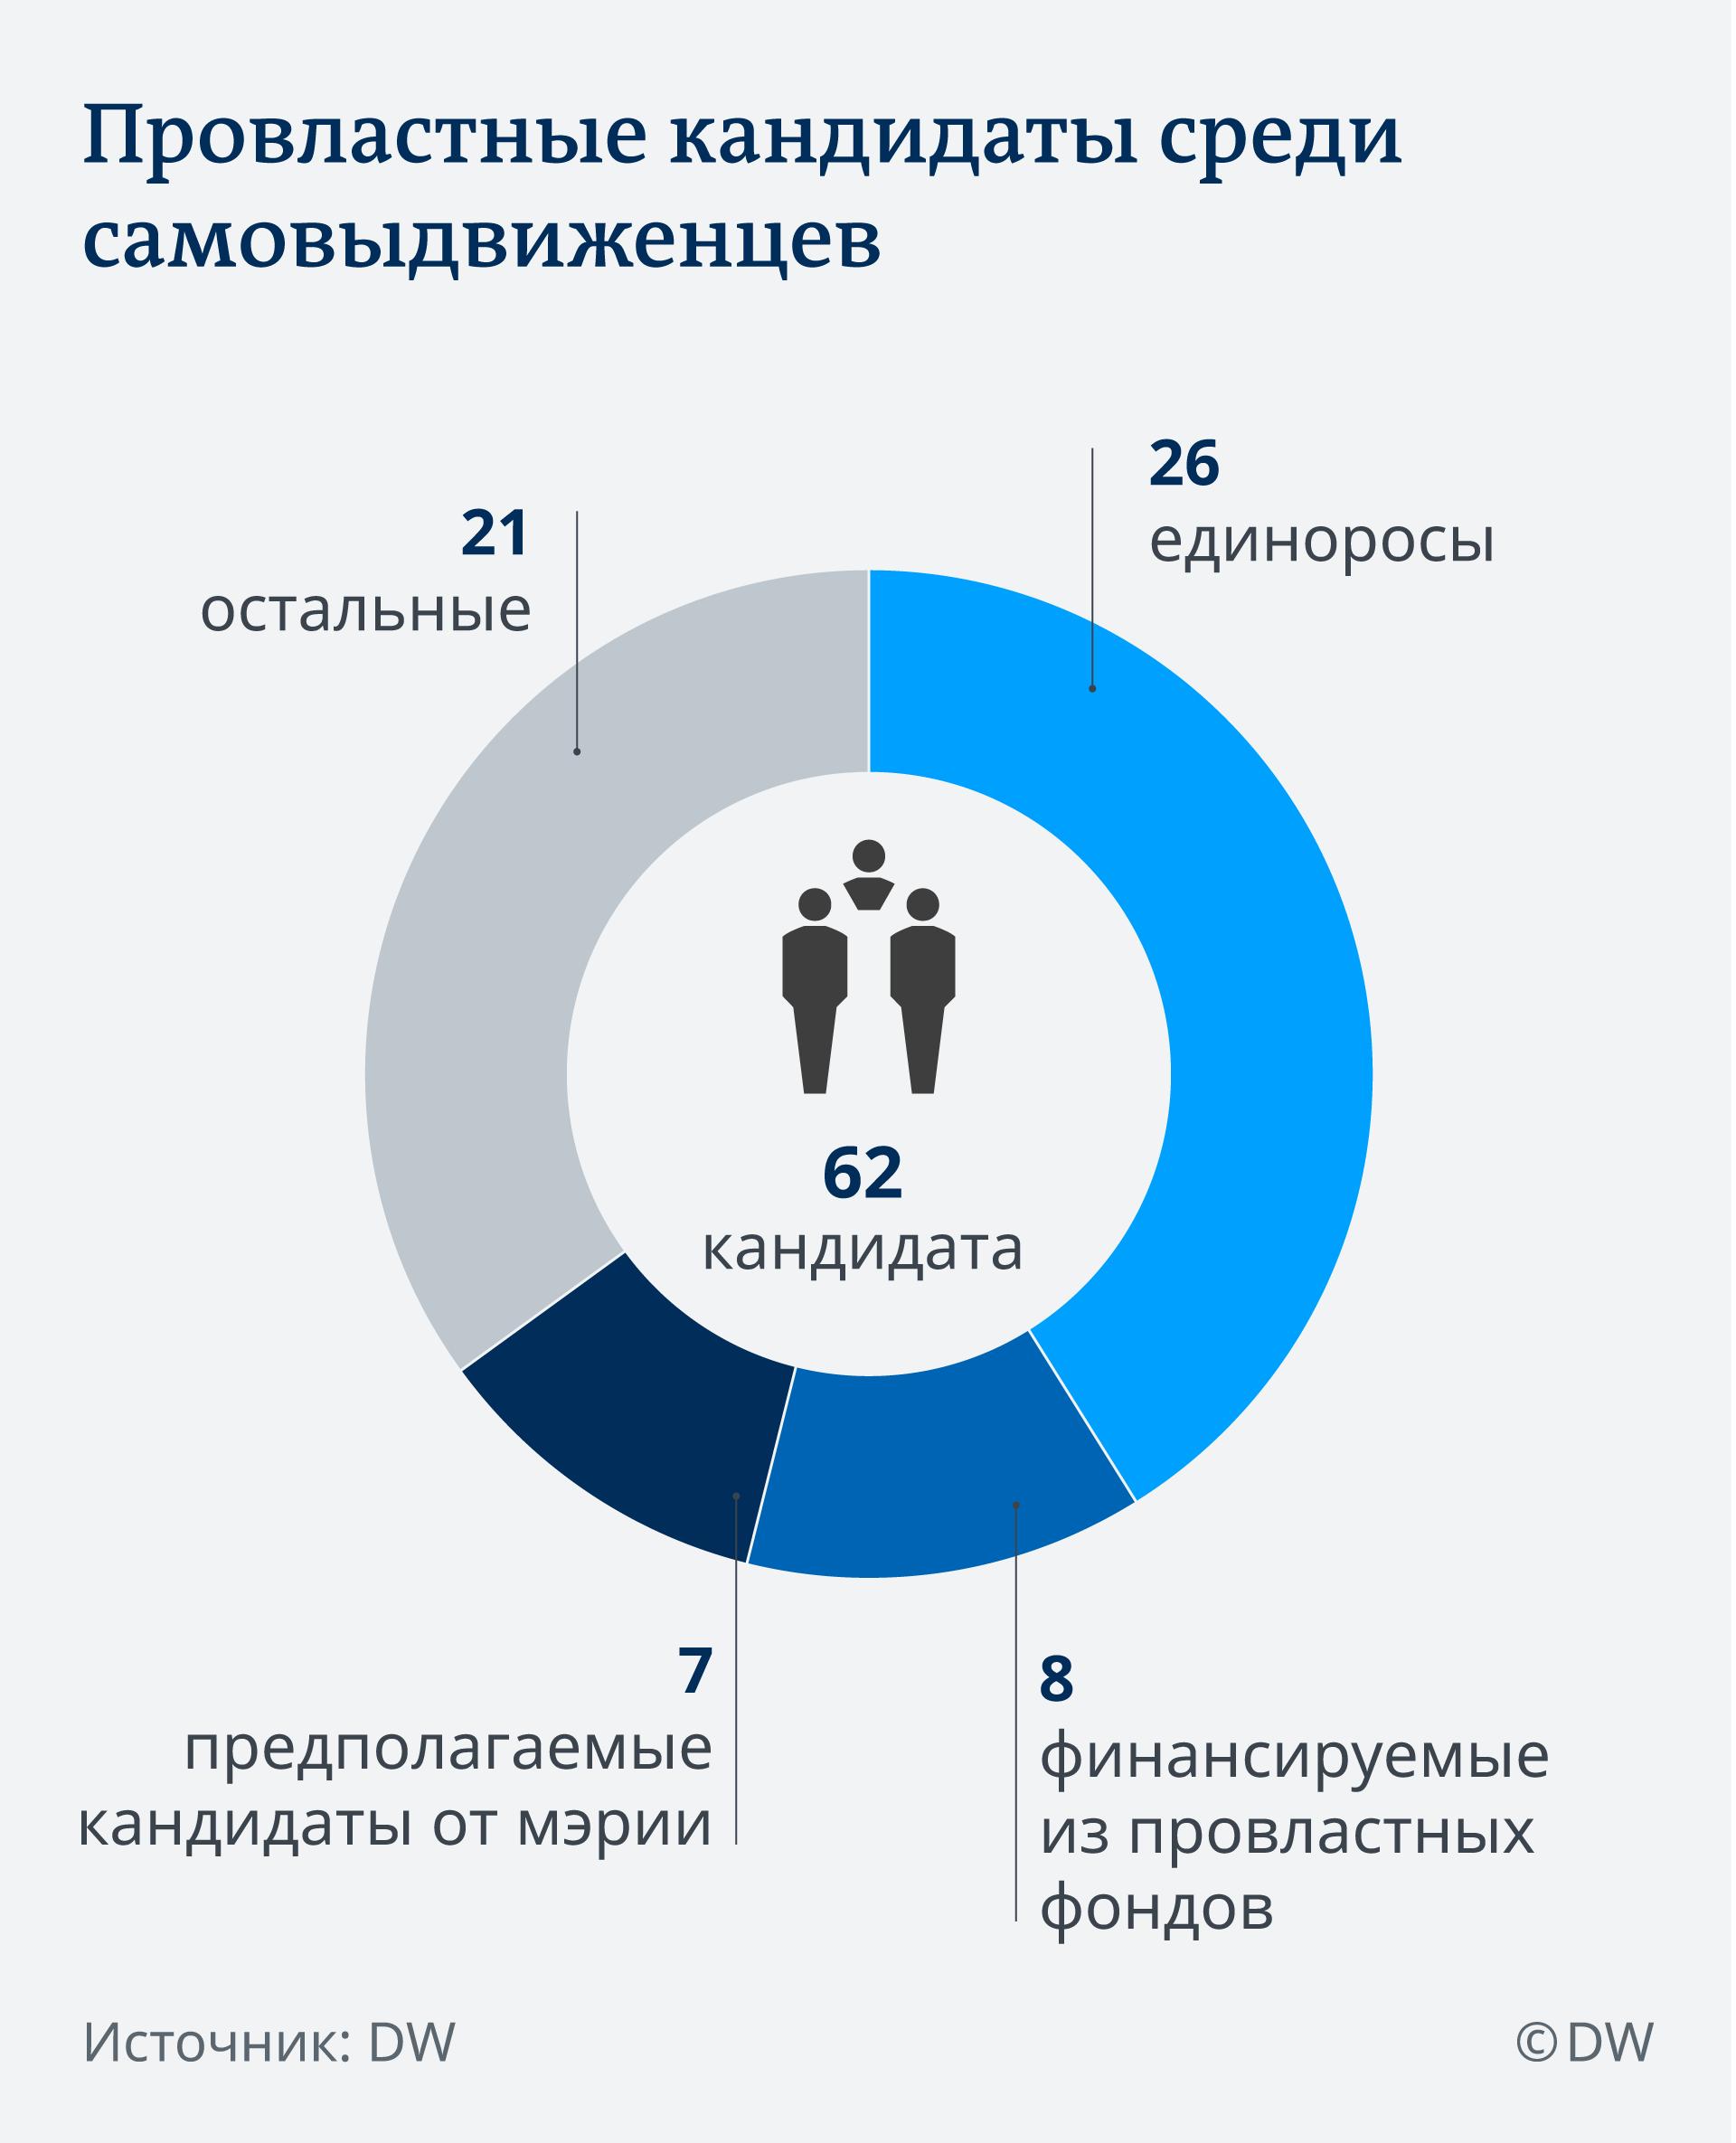 Инфографика: провластные кандидаты среди самовыдвиженцев на выборах в Мосгордуму